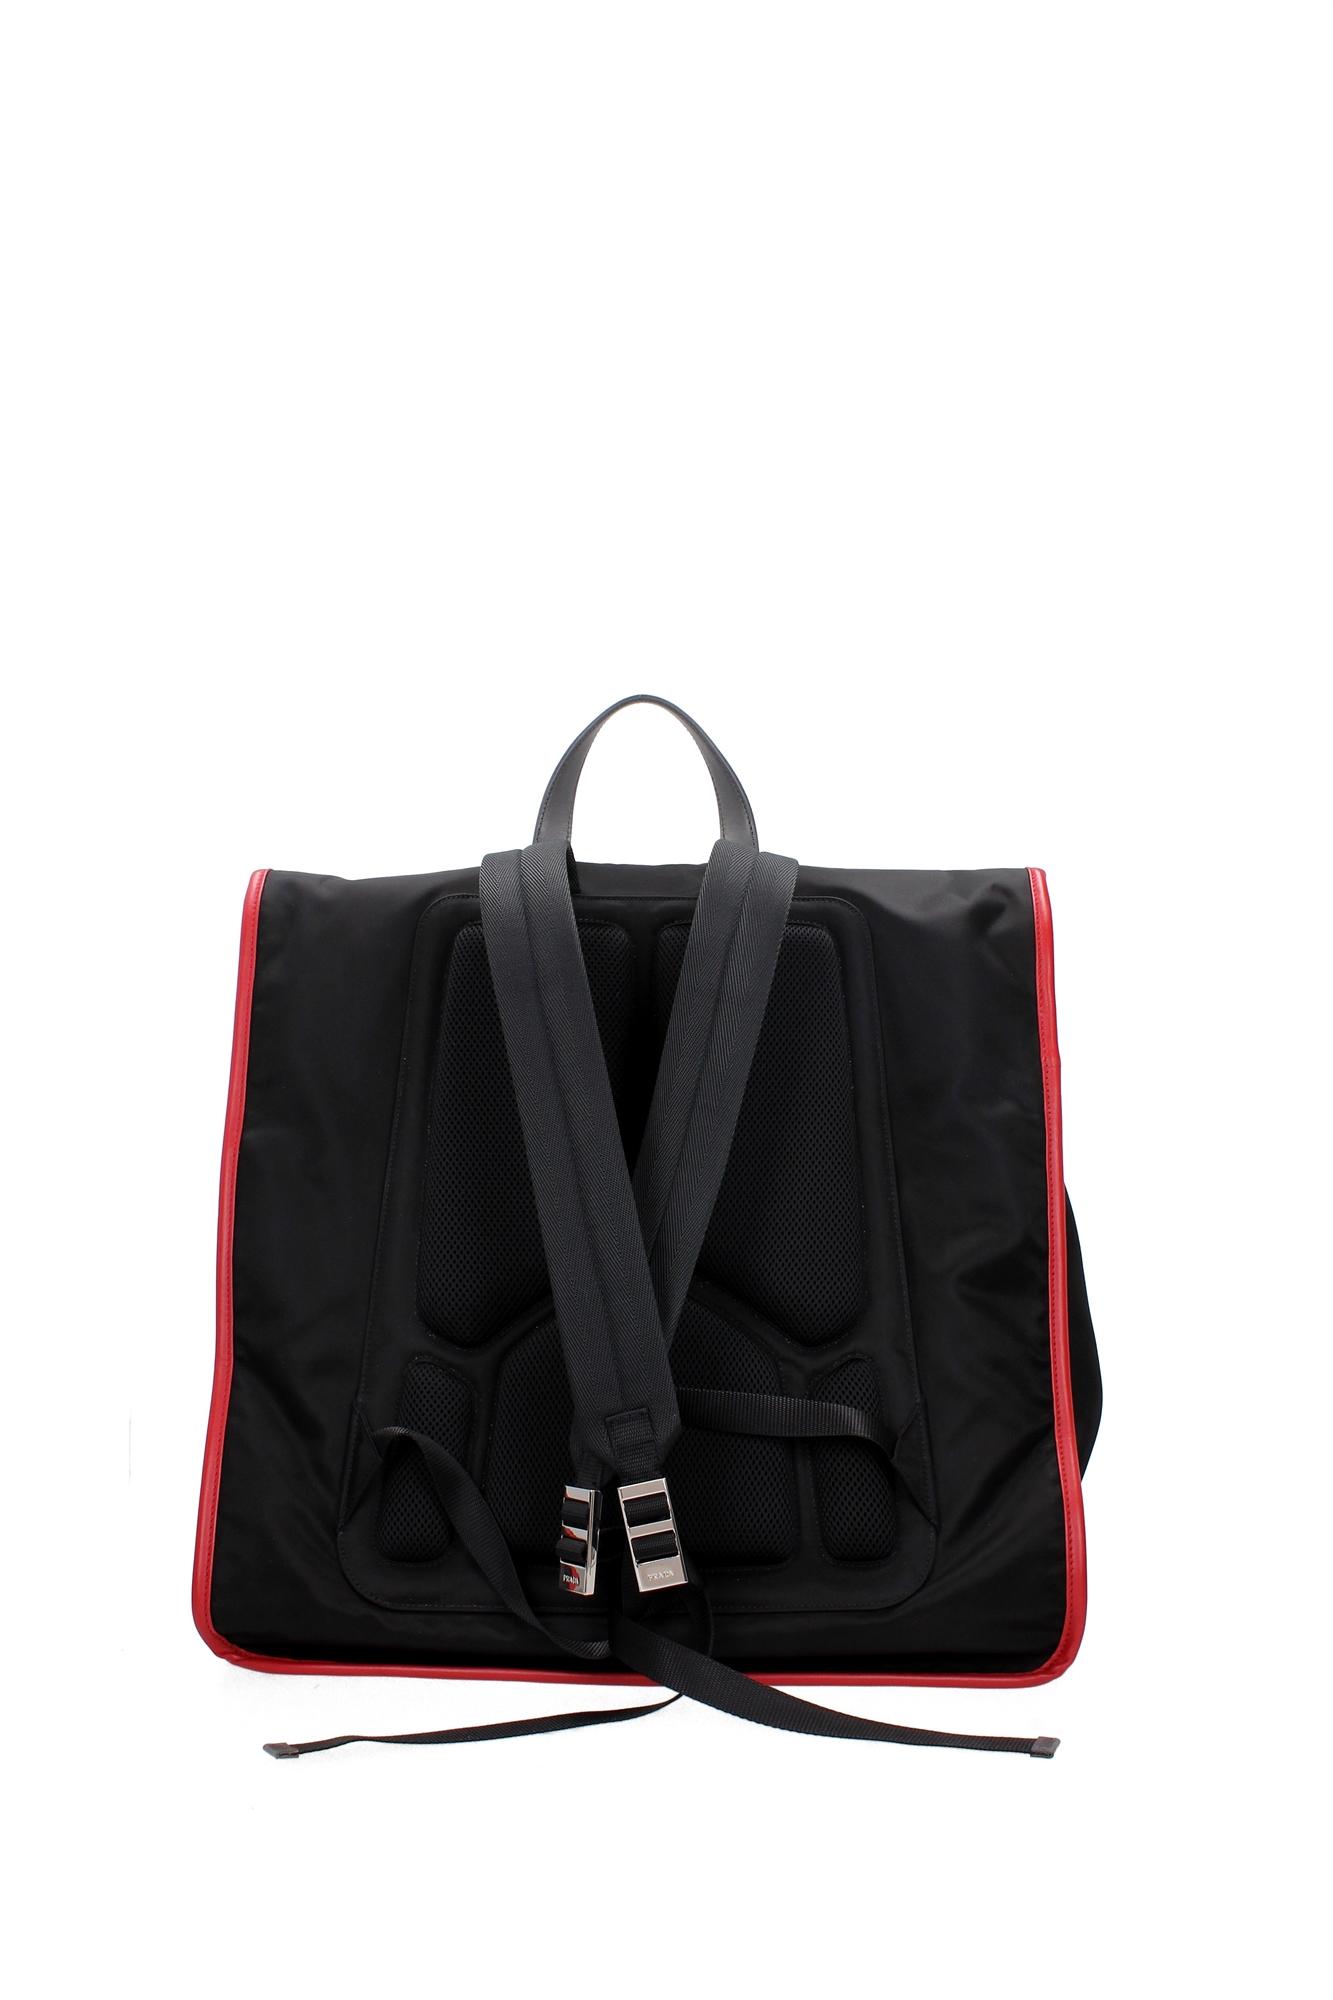 tasche rucksack prada herren stoff schwarz. Black Bedroom Furniture Sets. Home Design Ideas